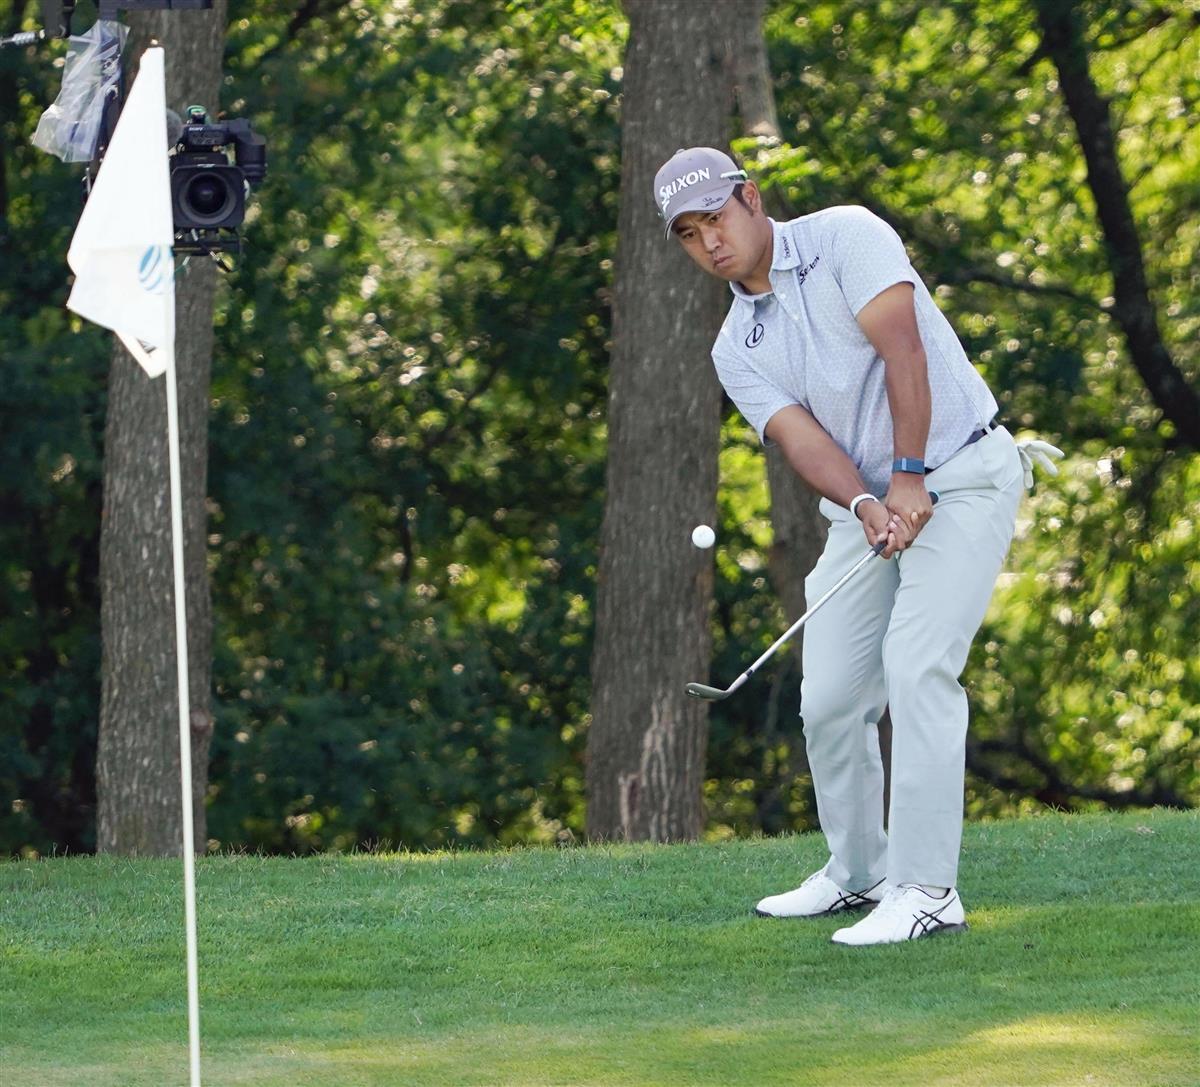 マスターズV以来の実戦、松山は54位 米男子ゴルフ第1日